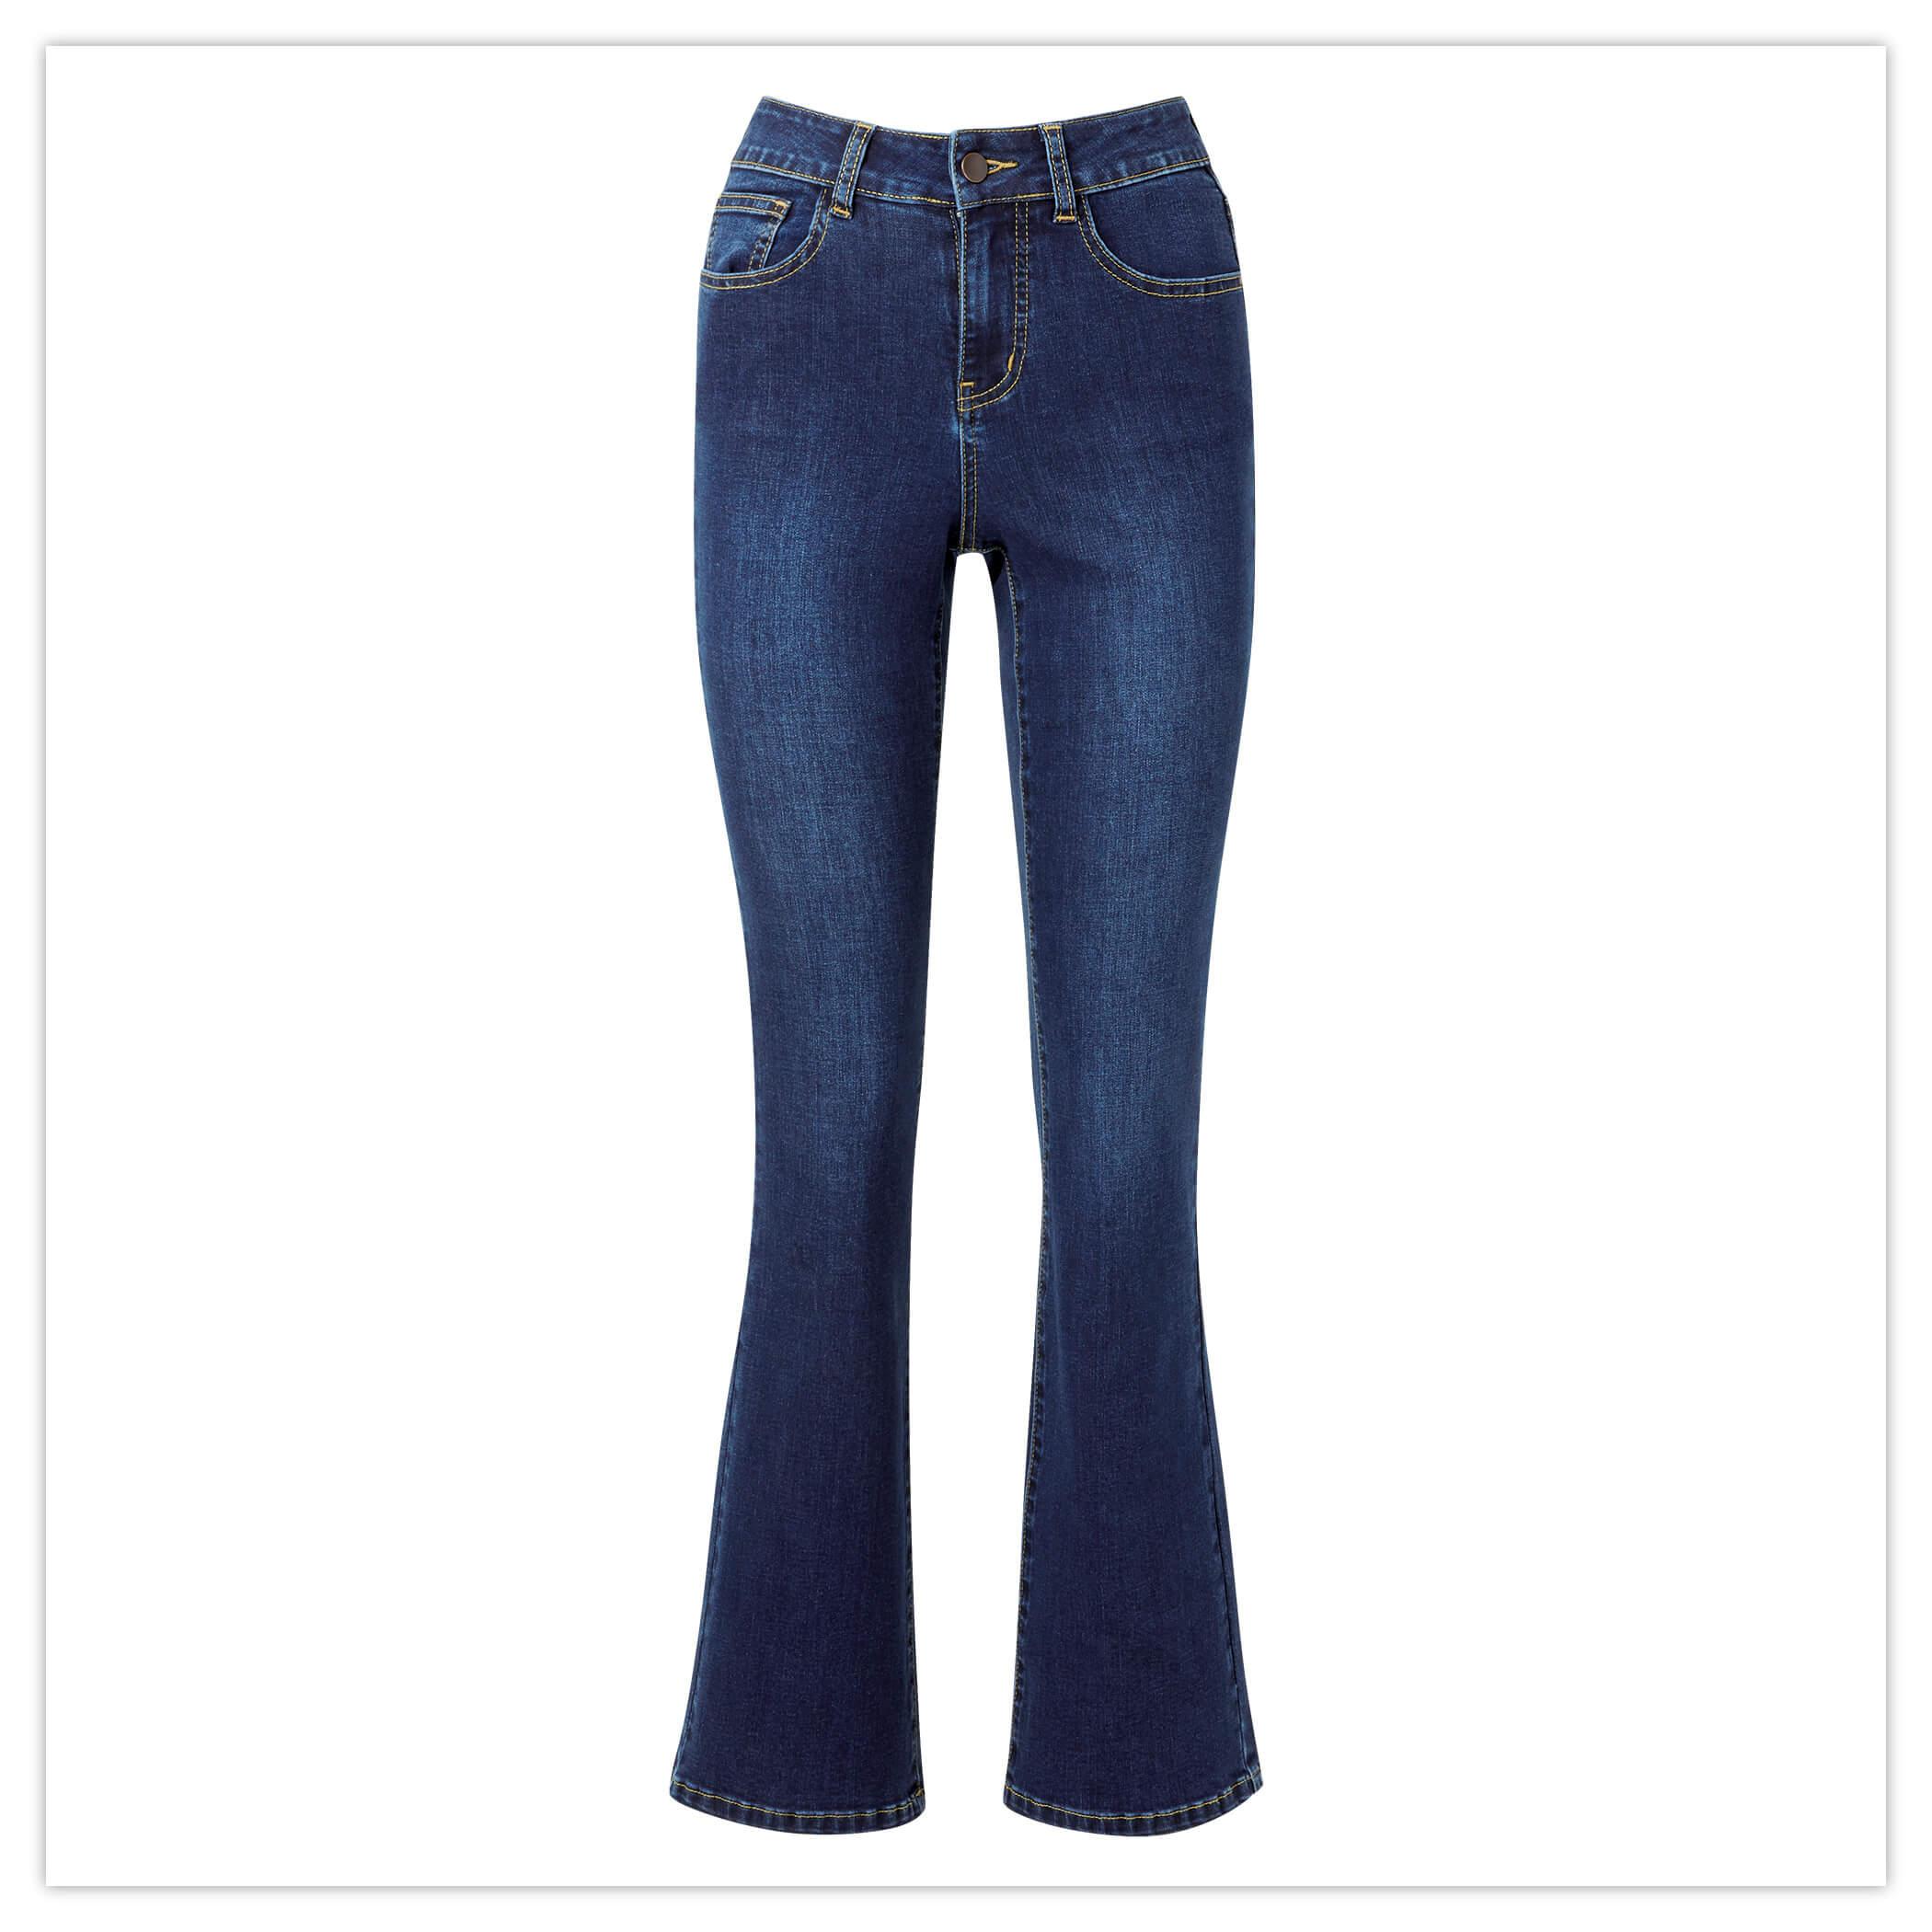 Joe Browns Western Bootcut Jeans